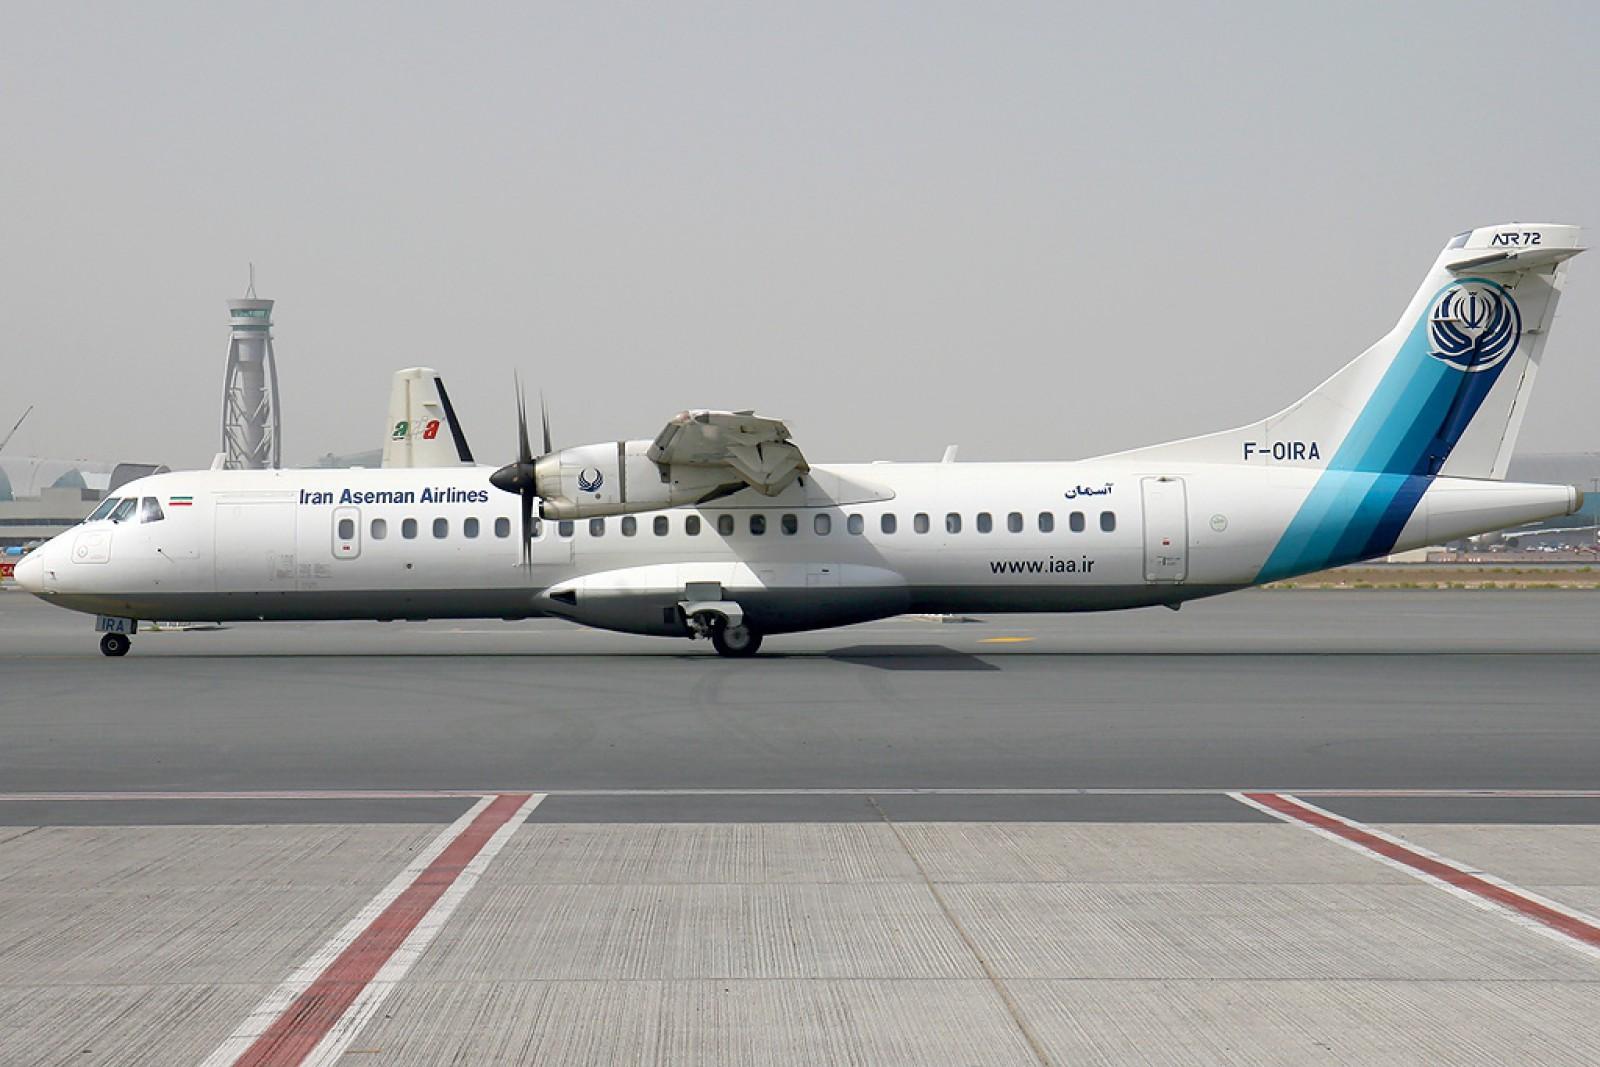 După o săptămână, încă un avion cu pasageri s-a prăbușit: Niciun supravețuitor